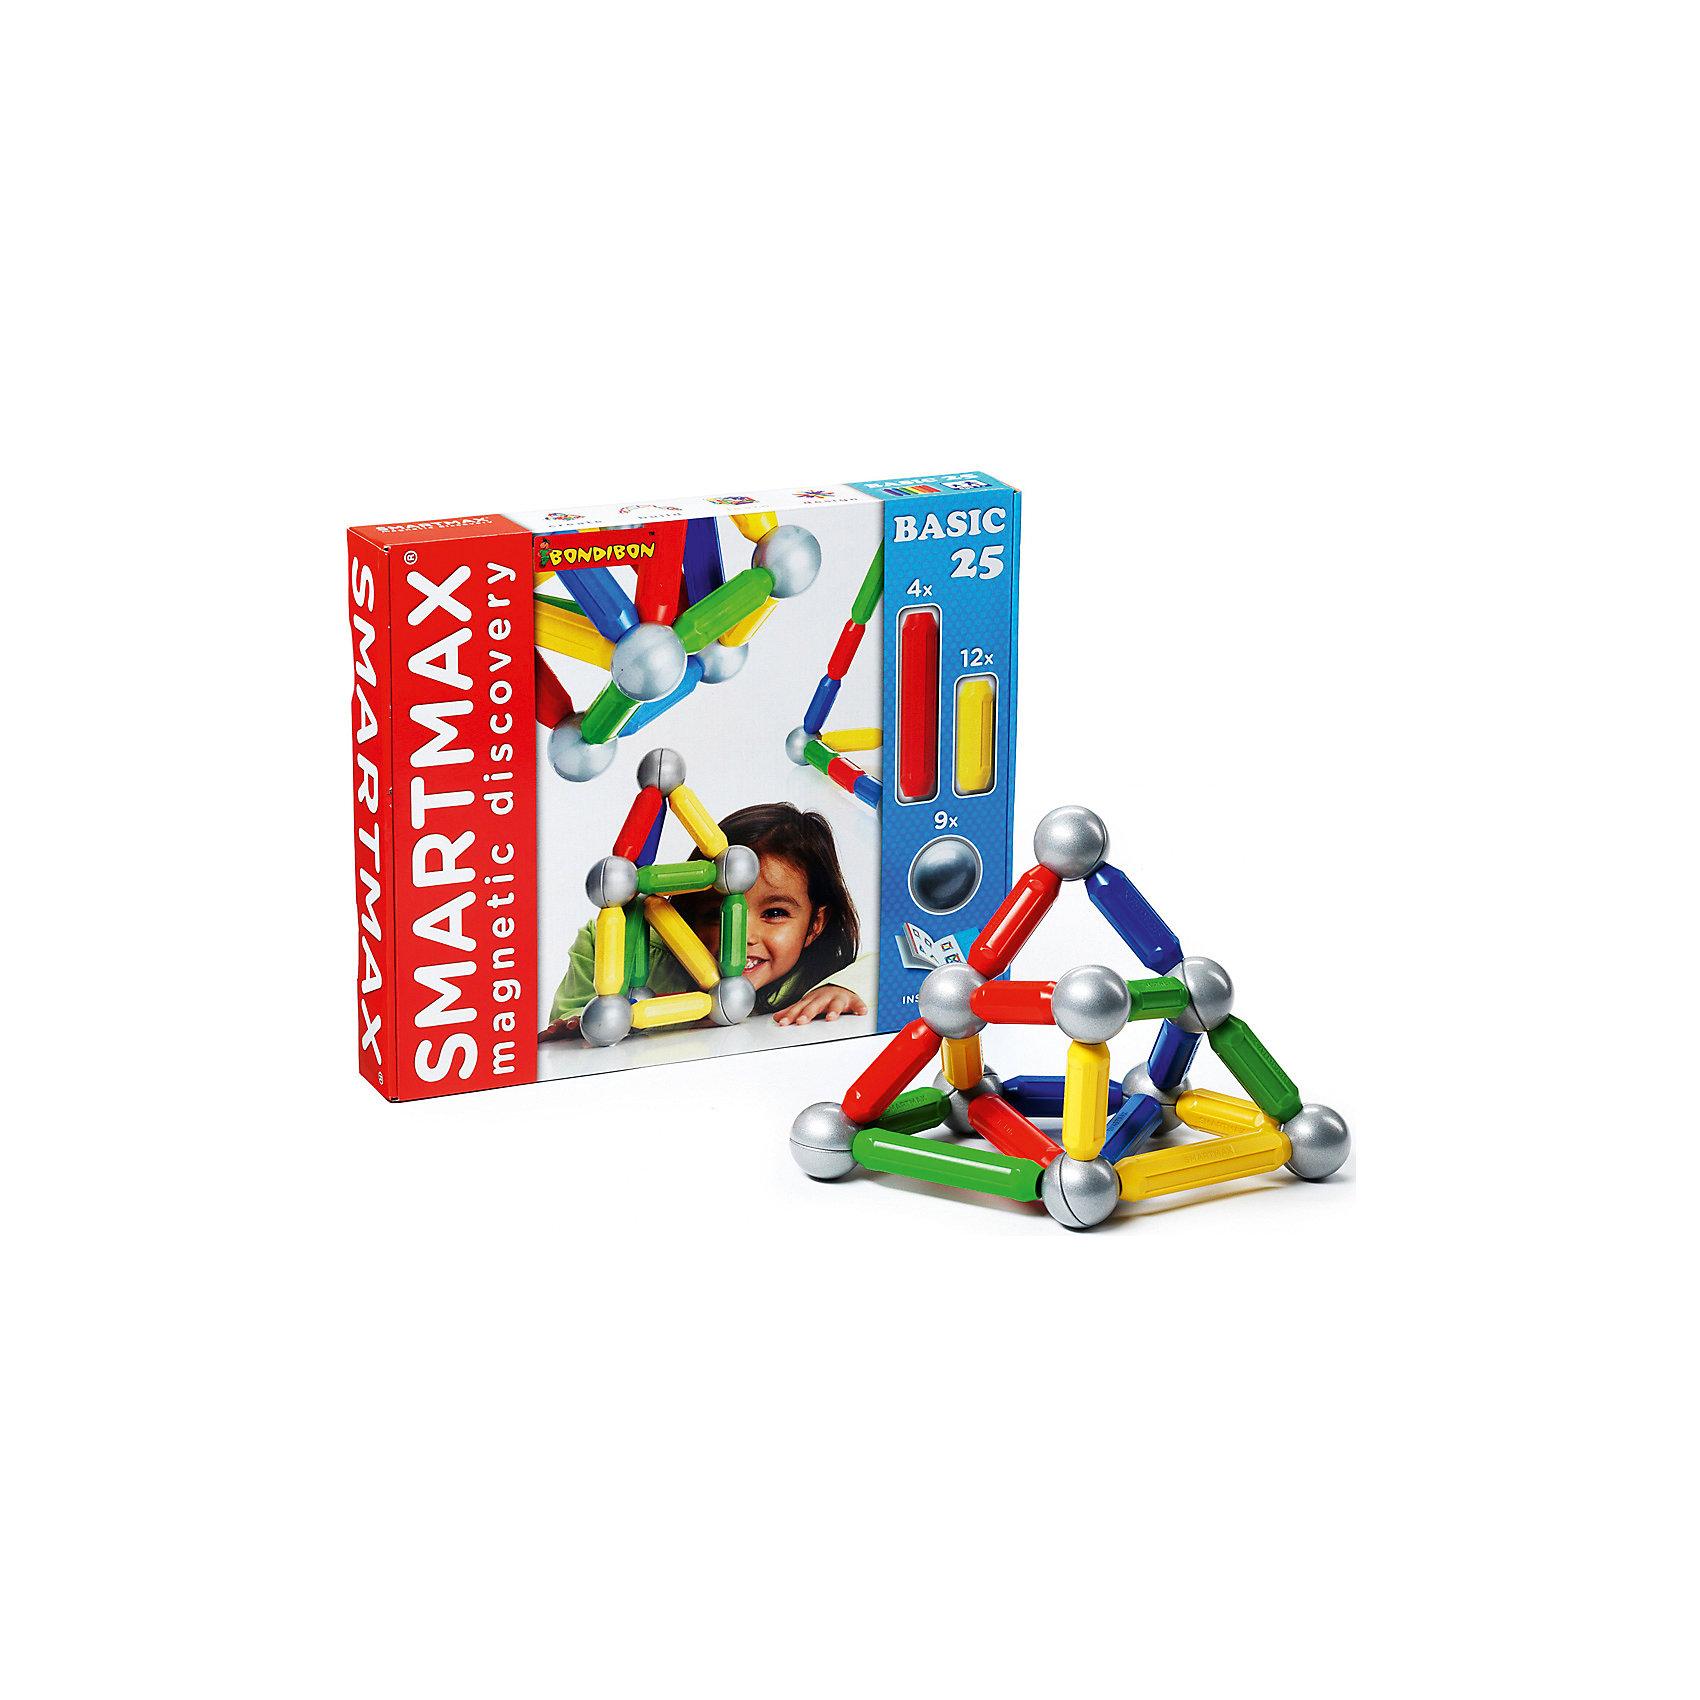 Магнитный конструктор Basic, 25 деталей, BondibonМагнитный конструктор Basic подарит Вашему малышу огромное поле для творчества, ведь с его помощью можно сложить самые невероятные конструкции. Детали конструктора выполнены в виде разноцветных палочек и шаров, внутри которых находятся магниты. Их свойства притягиваться и отталкиваться вызовут огромный интерес у детей, и дадут огромный простор для фантазий и экспериментов.<br><br>Дополнительная информация:<br><br>- Возраст: от 3 лет<br>- В комплекте: 16 разноцветных палочек, 9 серебристых шариков, инструкция<br>- Материал: пластик, магнит, металл<br>- Размер упаковки: 42х6х35 см<br>- Вес: 1.13 кг<br><br>Магнитный конструктор Basic, 25 деталей, Bondibon можно купить в нашем интернет-магазине.<br><br>Ширина мм: 425<br>Глубина мм: 60<br>Высота мм: 353<br>Вес г: 1130<br>Возраст от месяцев: 12<br>Возраст до месяцев: 144<br>Пол: Унисекс<br>Возраст: Детский<br>SKU: 4864496